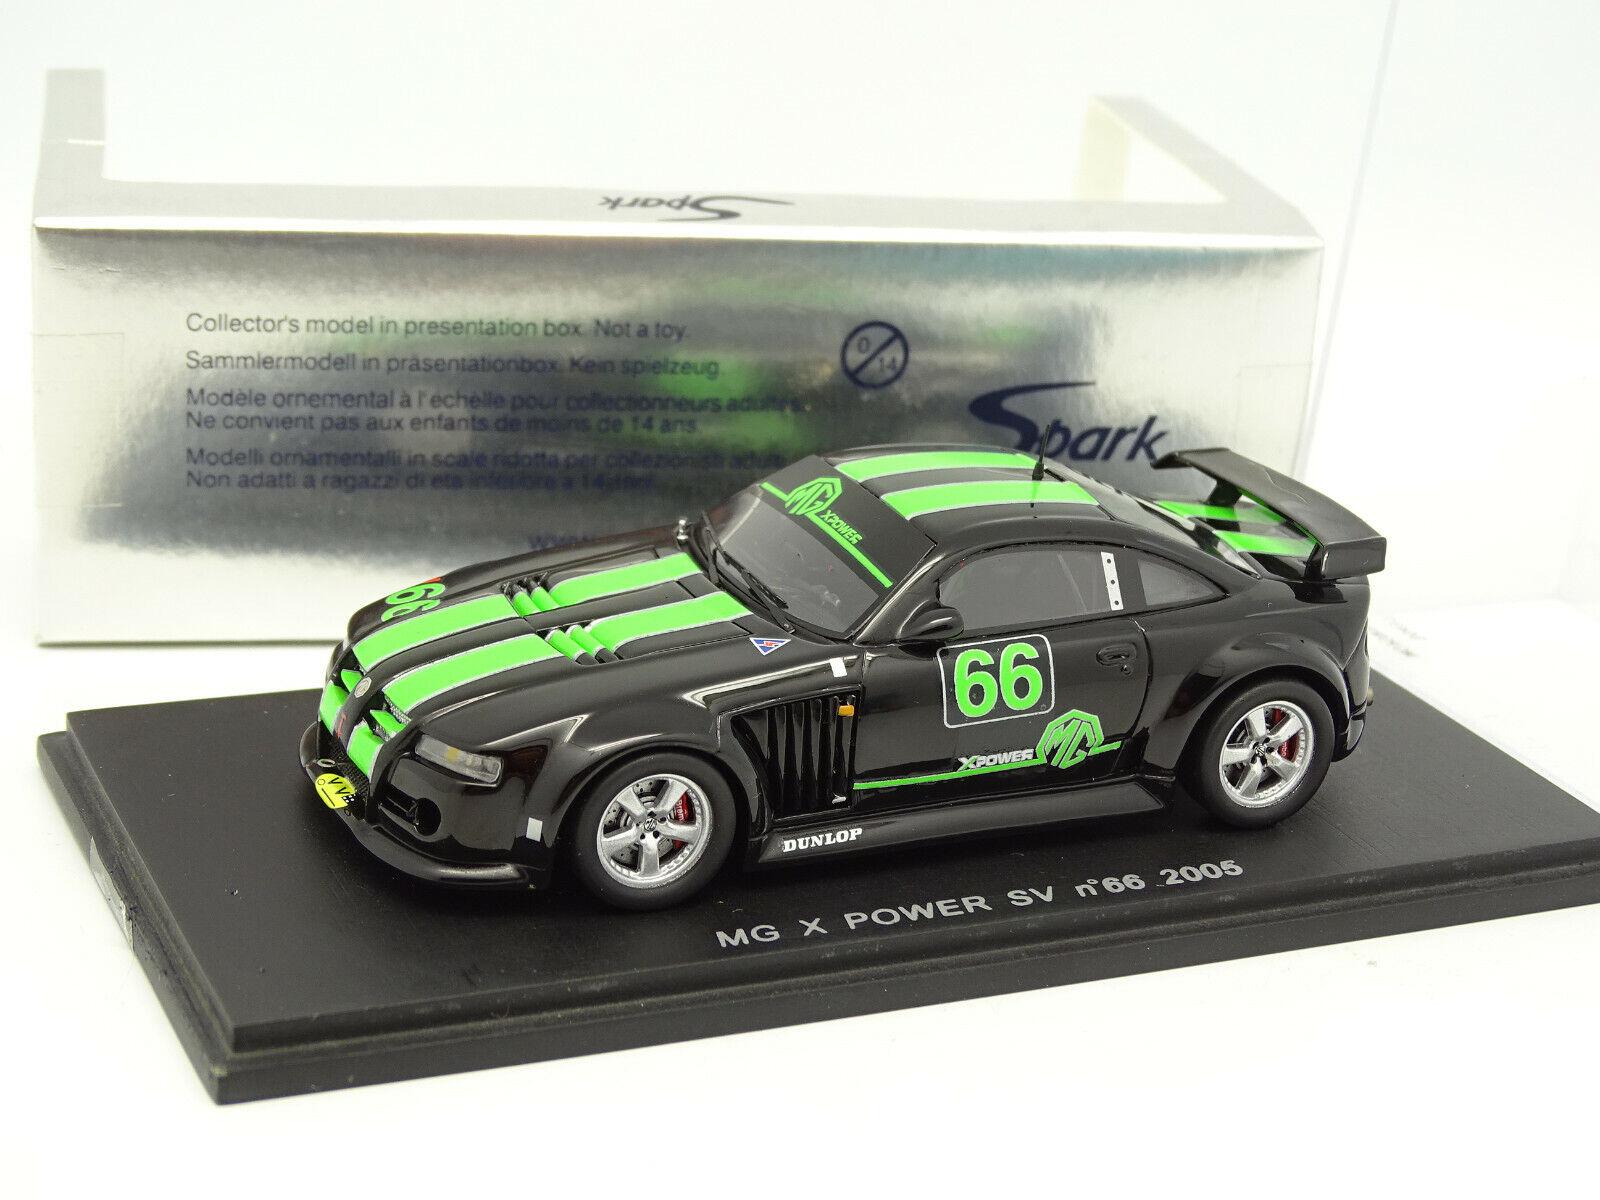 Spark 1 43 - MG X Power  SV 2005  66 noir vert  de gros